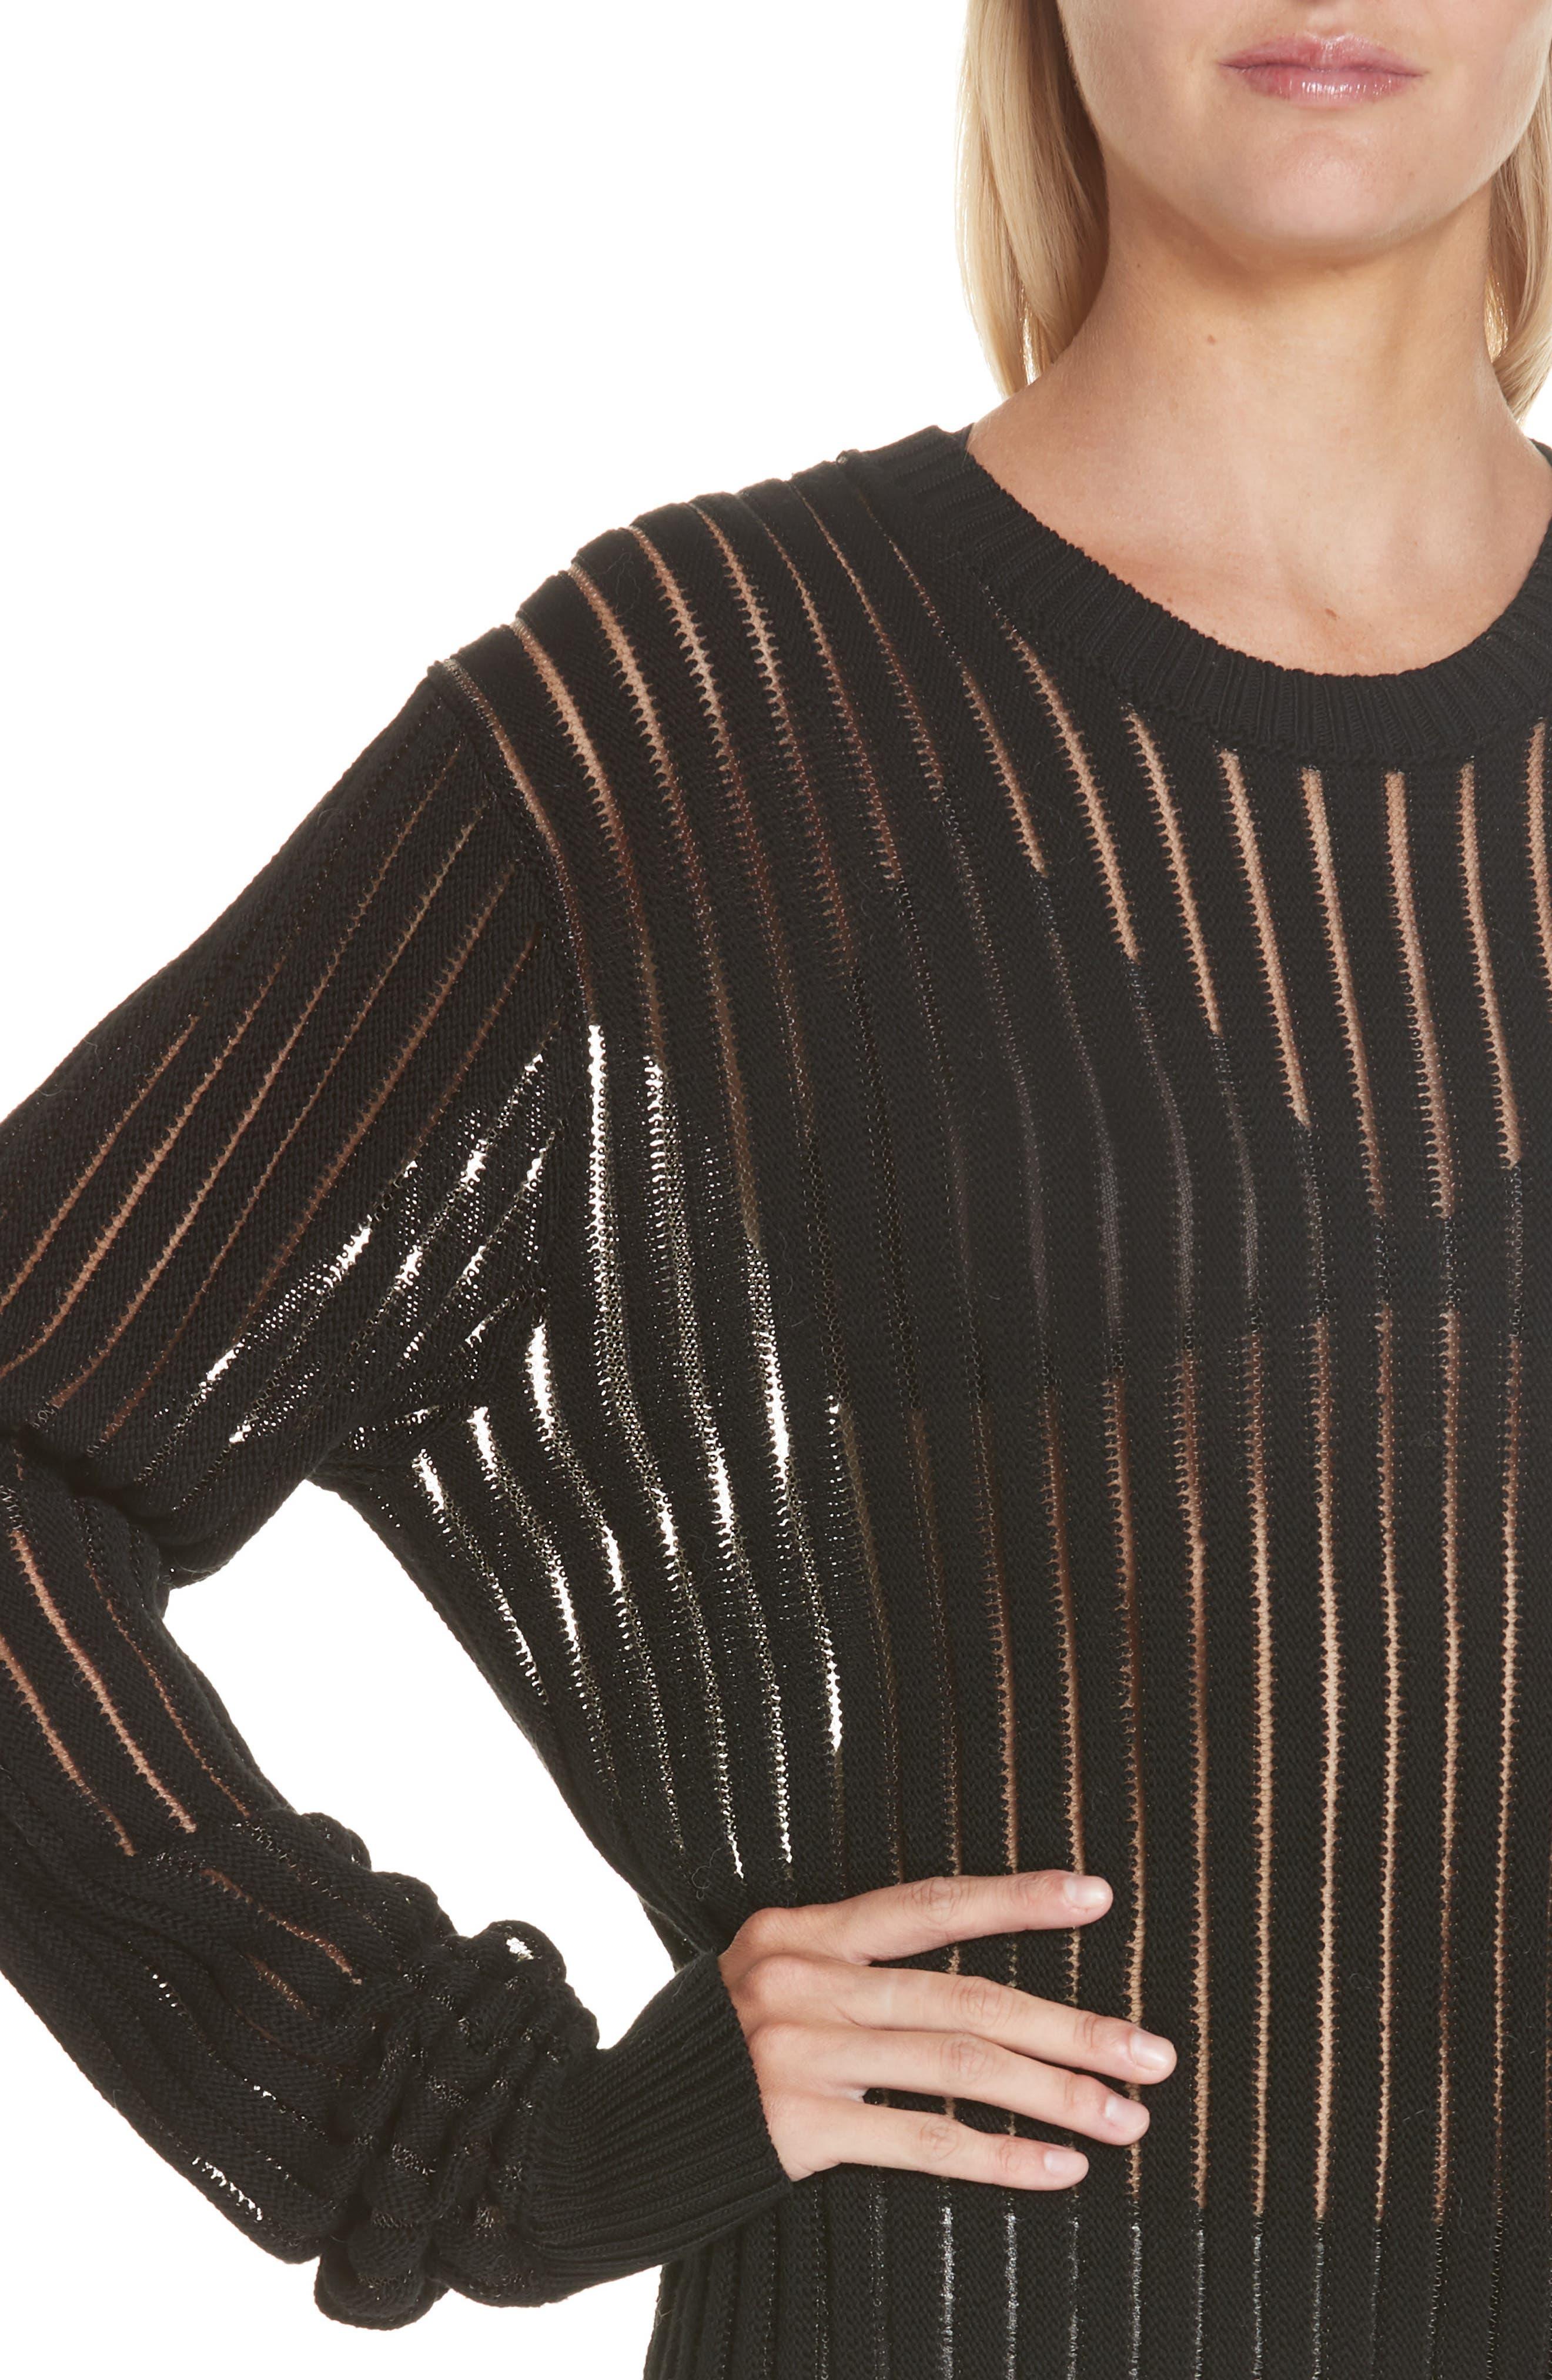 HELMUT LANG, Sheer Stripe Sweater, Alternate thumbnail 4, color, 001